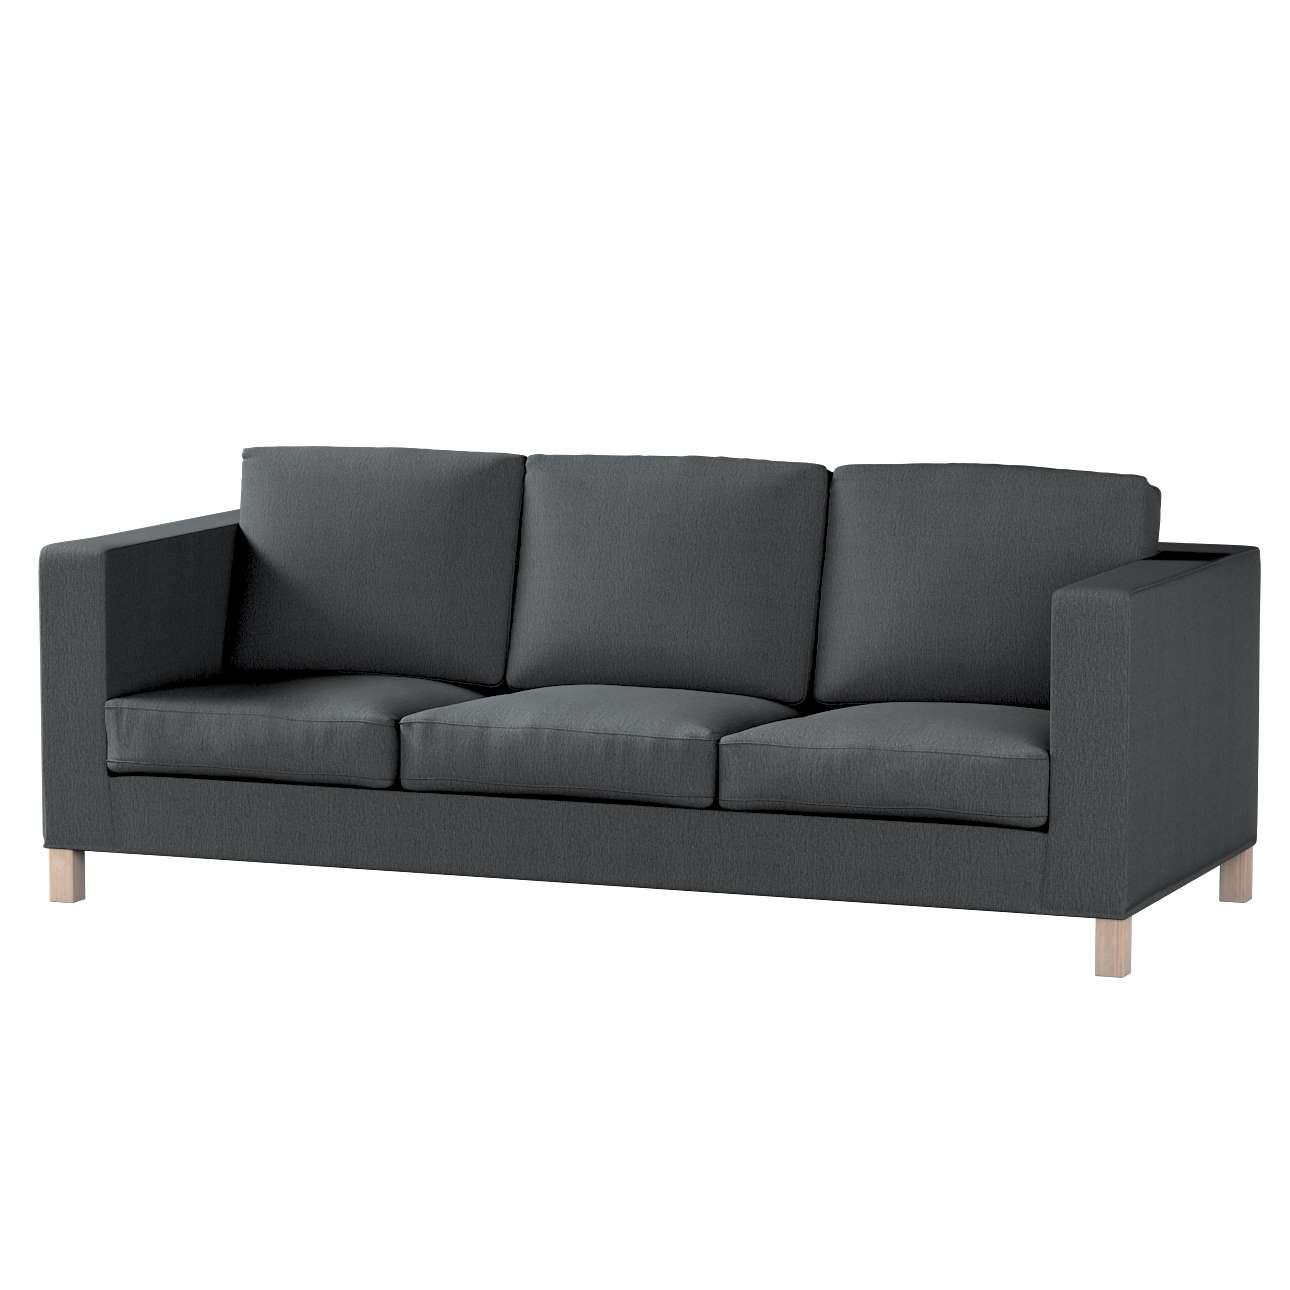 KARLANDA trivietės sofos užvalkalas KARLANDA trivietės sofos užvalkalas kolekcijoje Chenille, audinys: 702-20